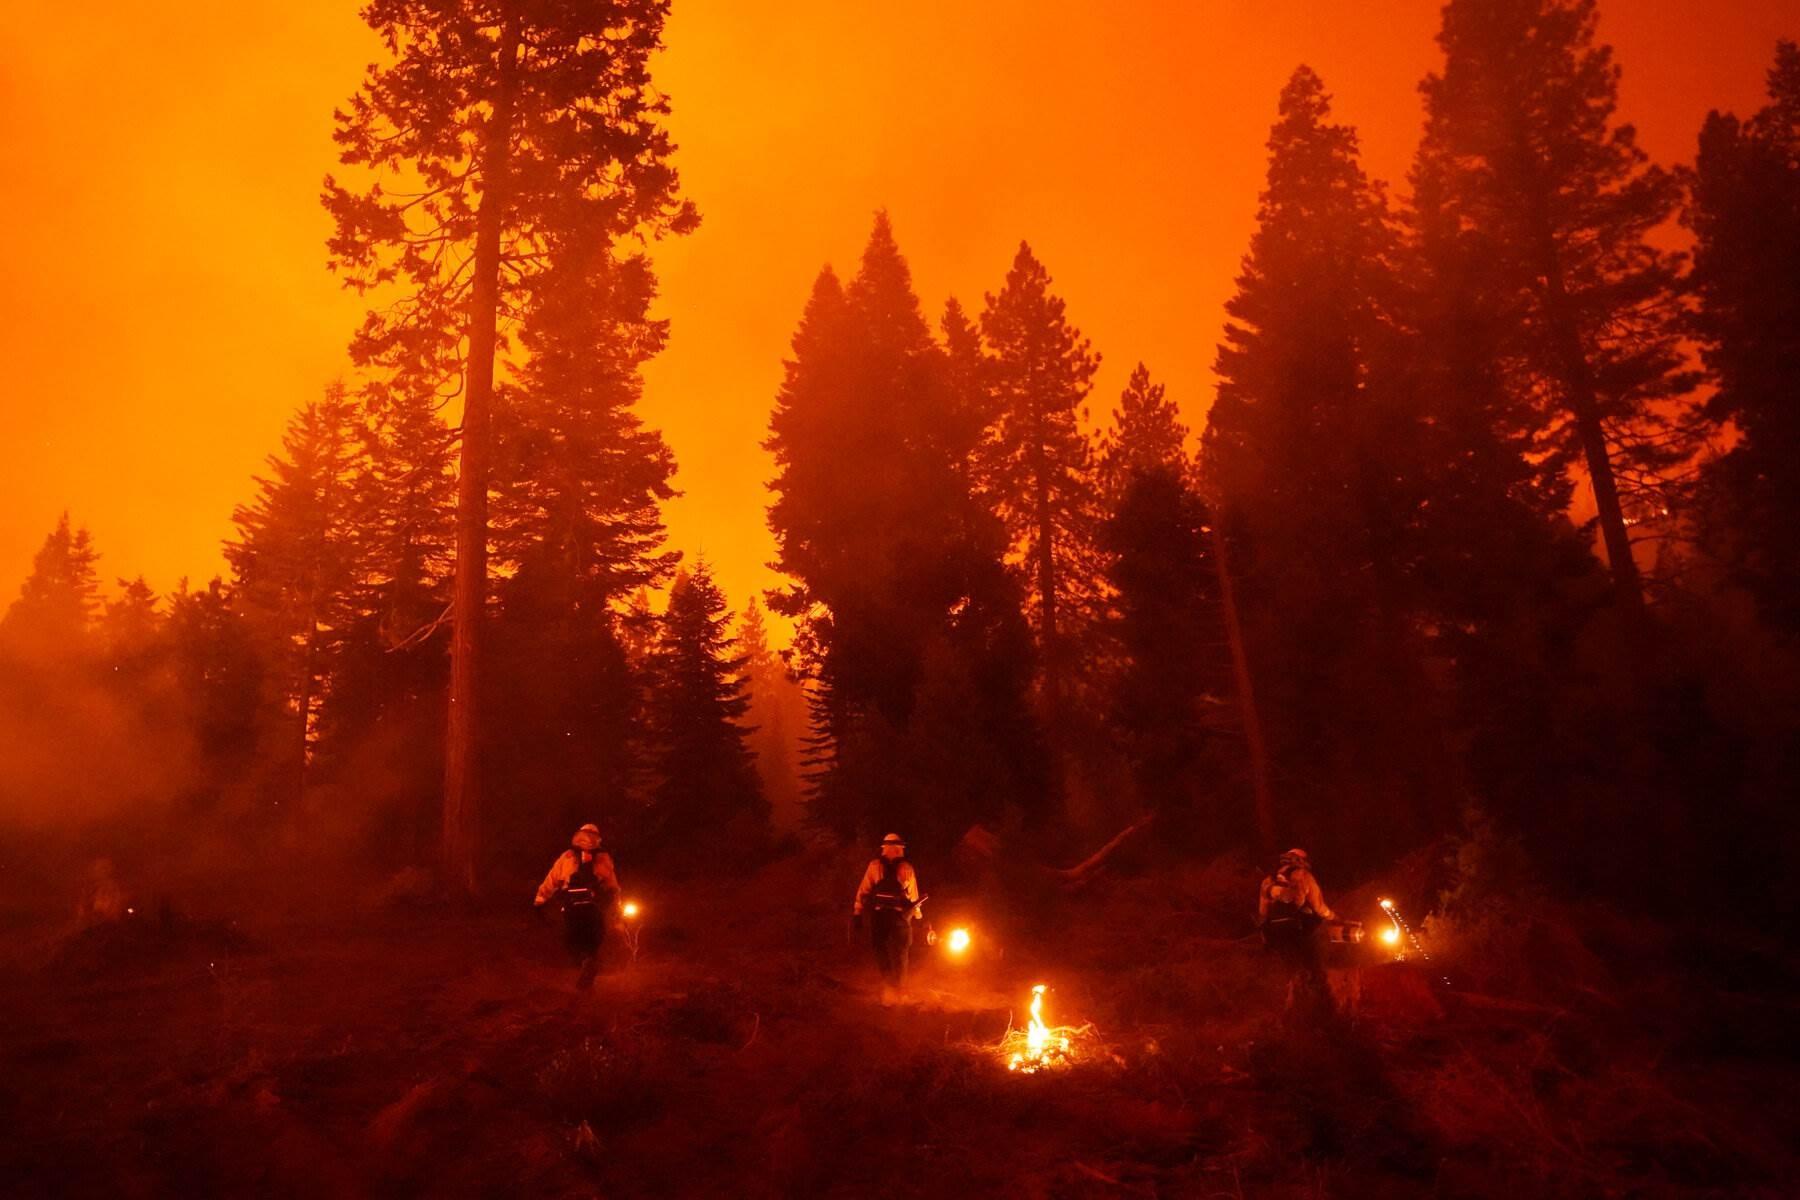 مقتل سبعة على الأقل وحرائق الغابات تستعر في الغرب الأميركي